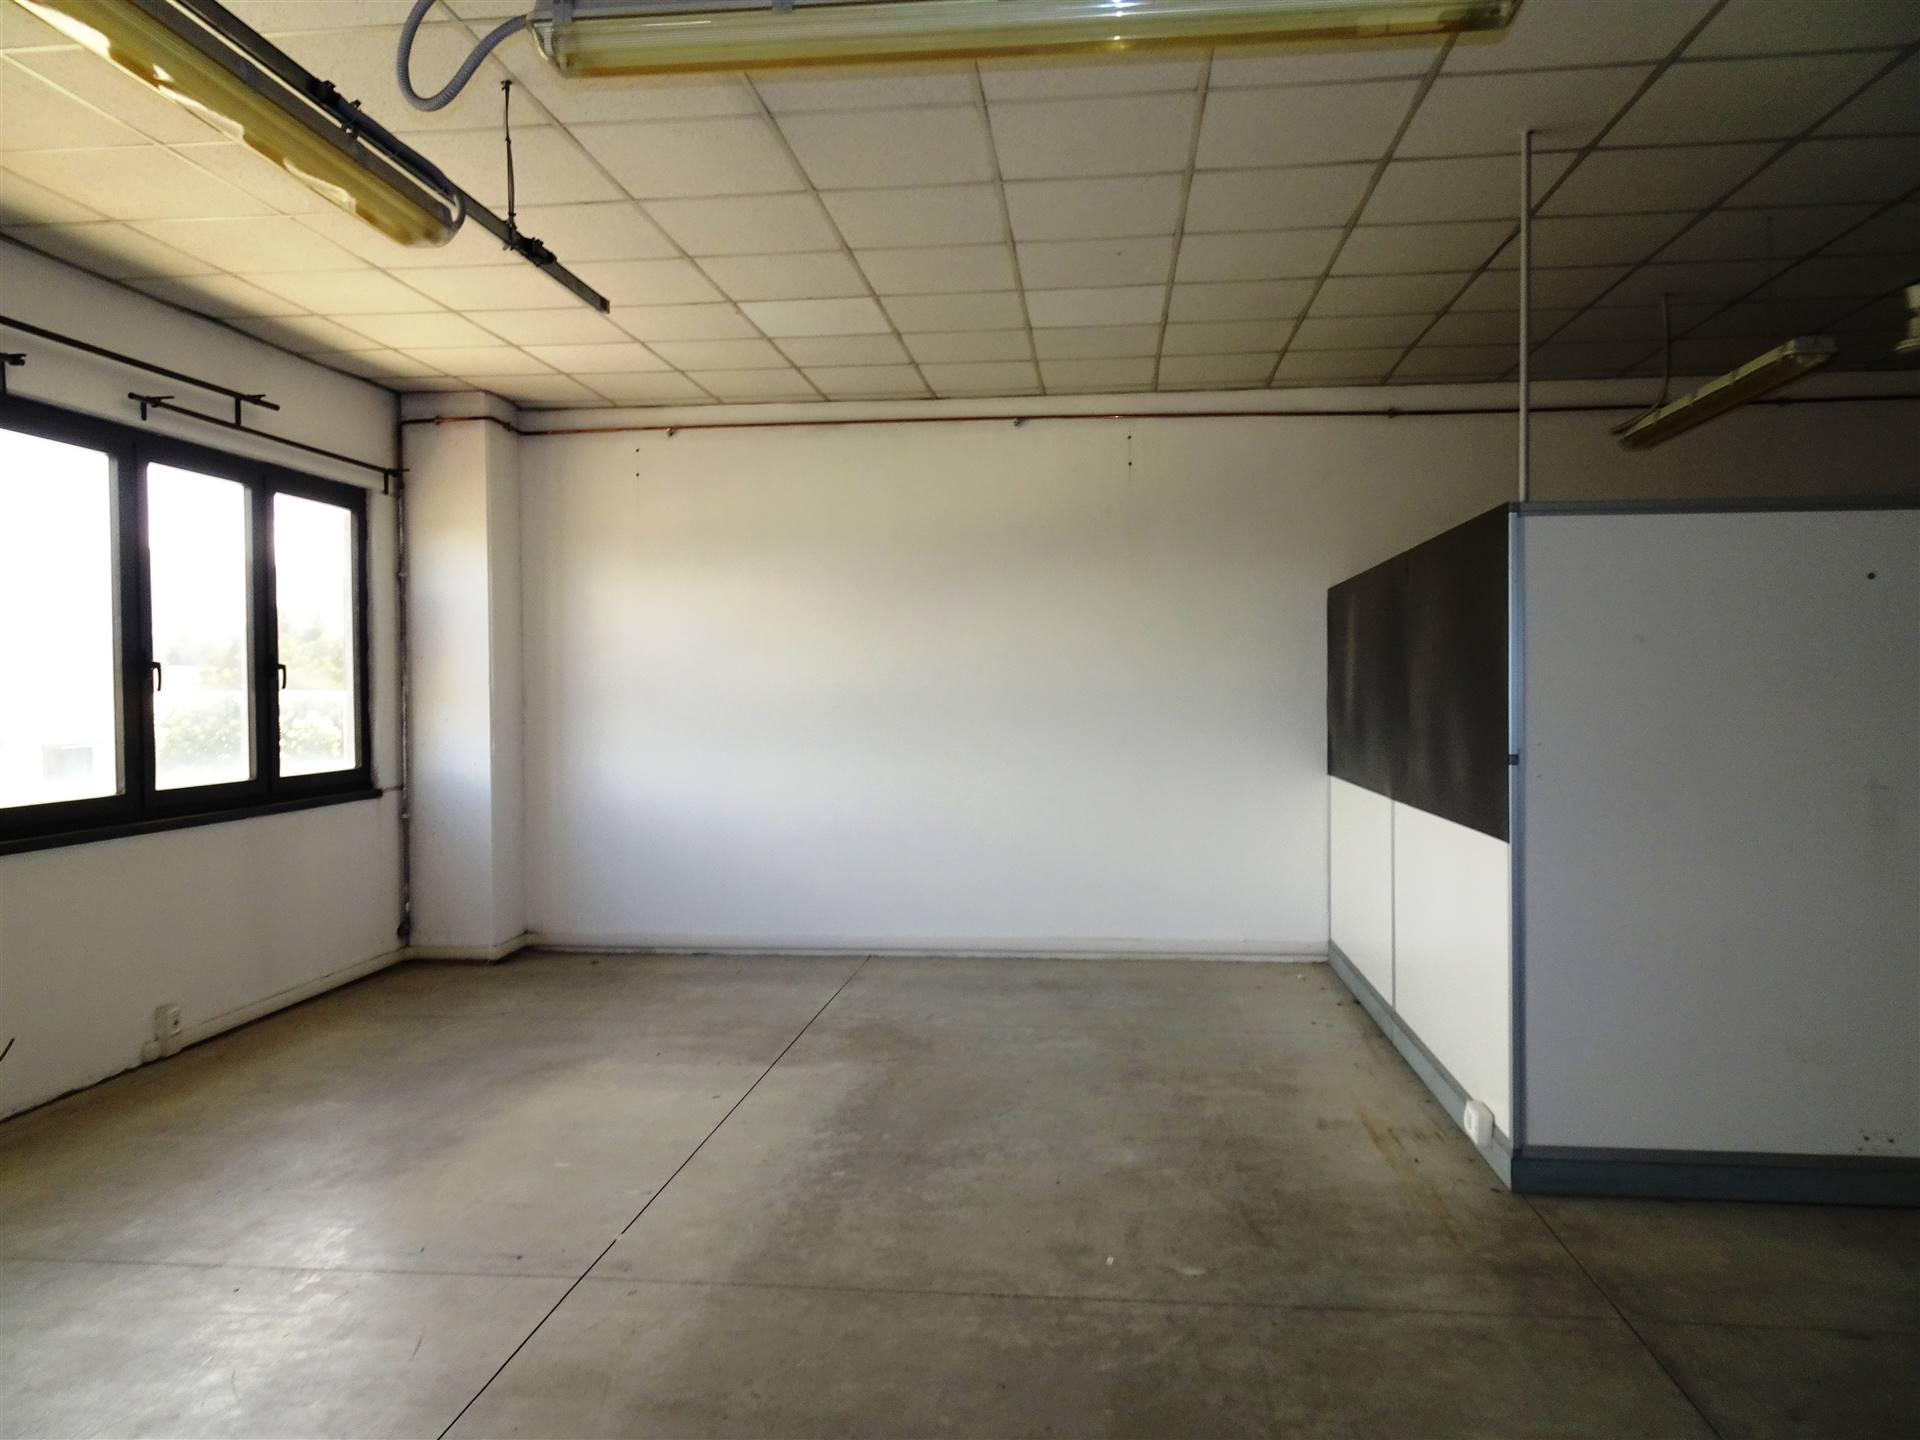 Laboratorio in vendita a Scandicci, 1 locali, zona Zona: Casellina, prezzo € 90.000   CambioCasa.it